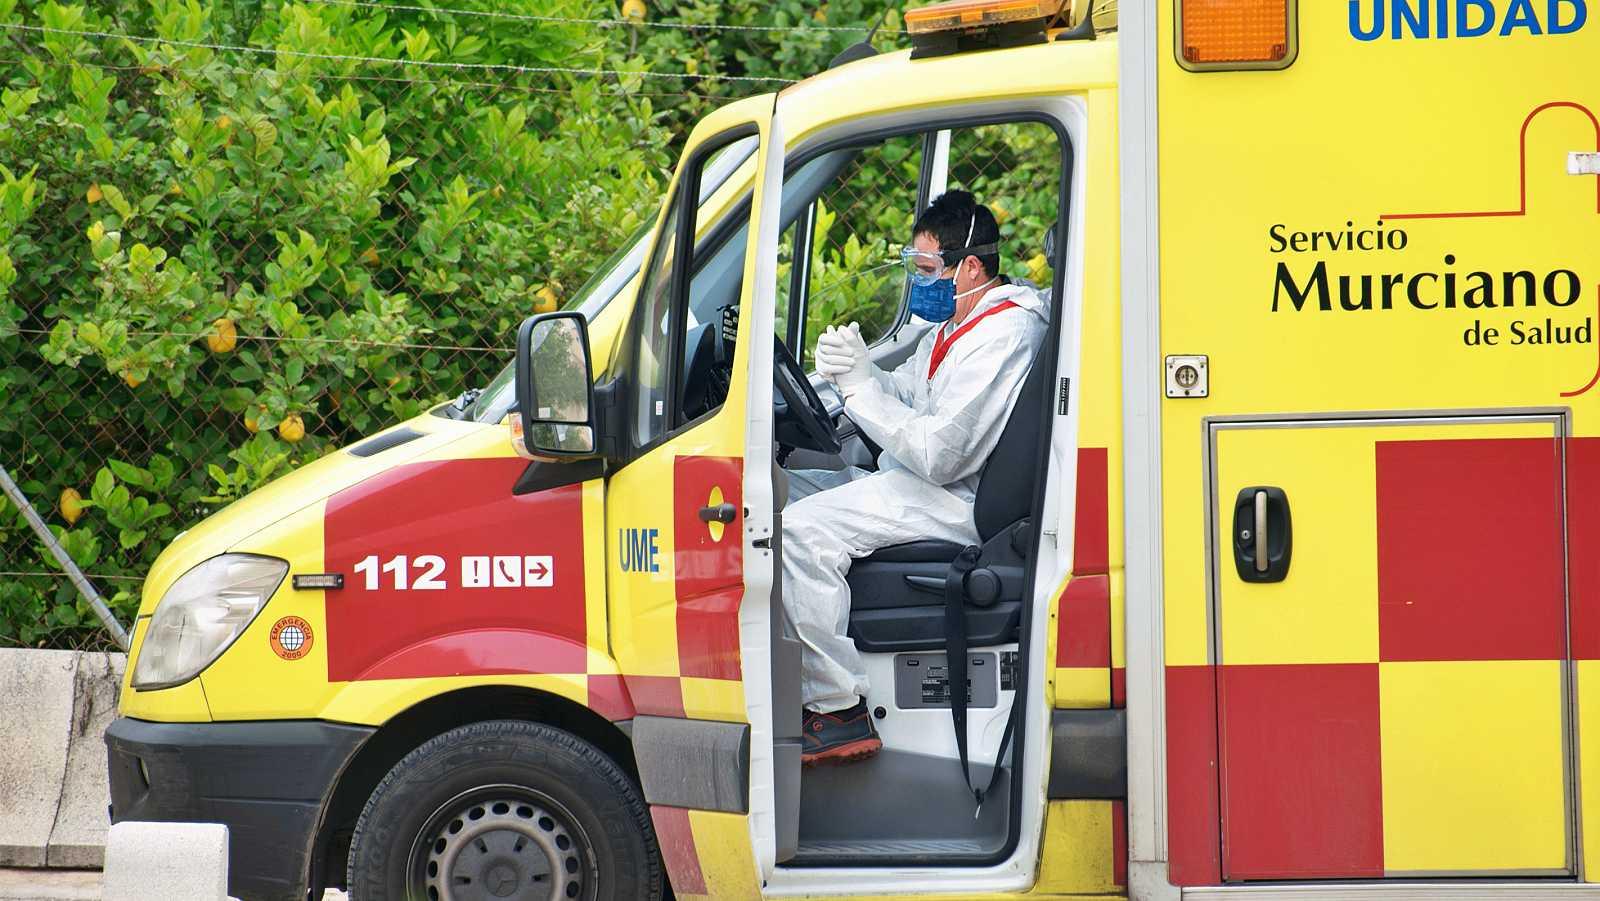 Trabajador del Servicio Murciano de Salud en una ambulancia.